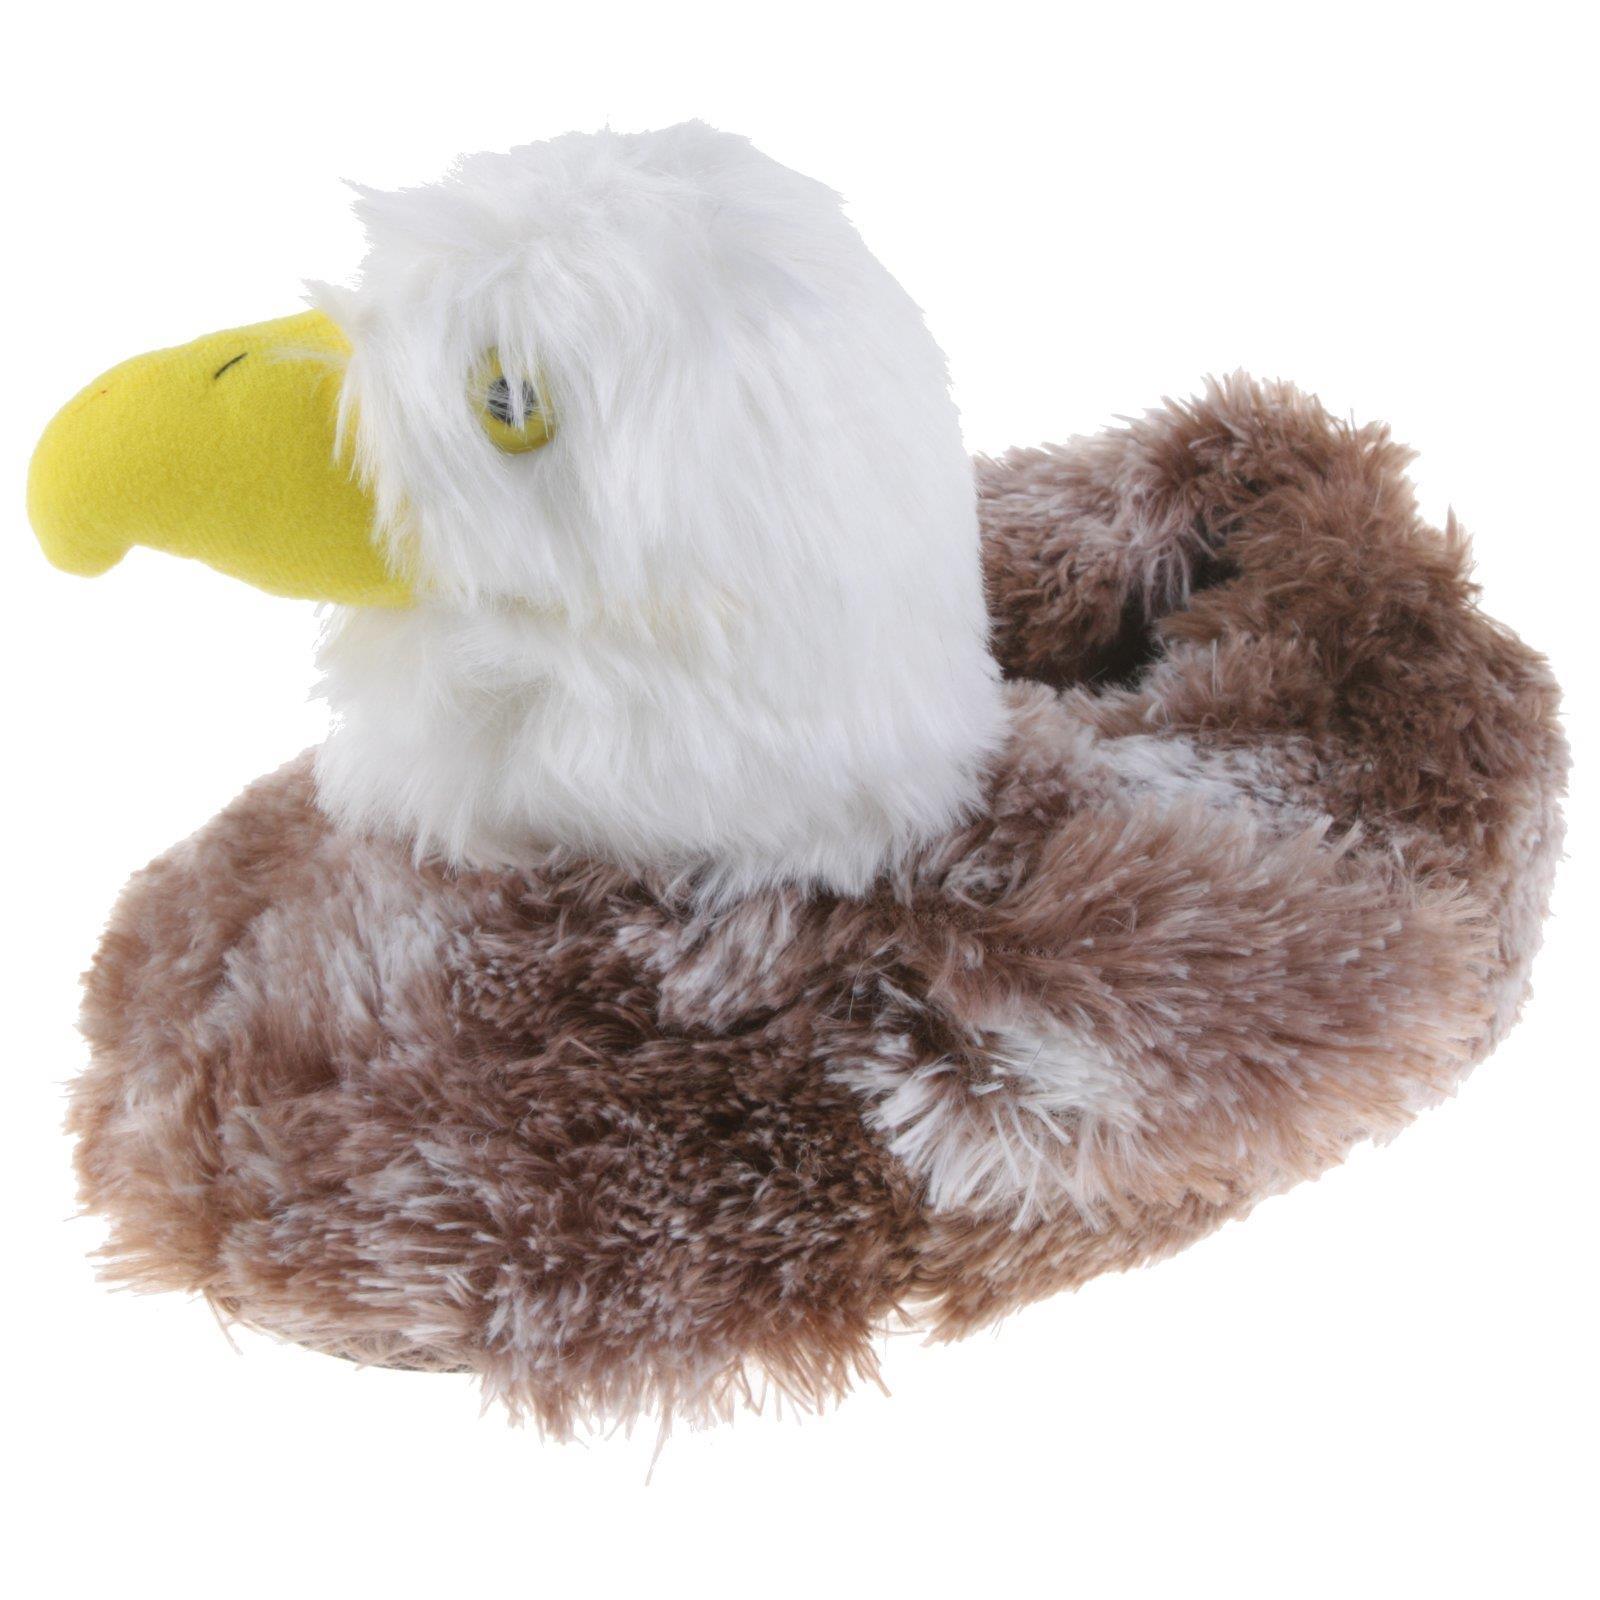 outlet store 9d253 fa3c4 Details zu USA Adler Weisskopfseeadler Tier Hausschuhe Pantoffel Schlappen  Plüsch 36-48